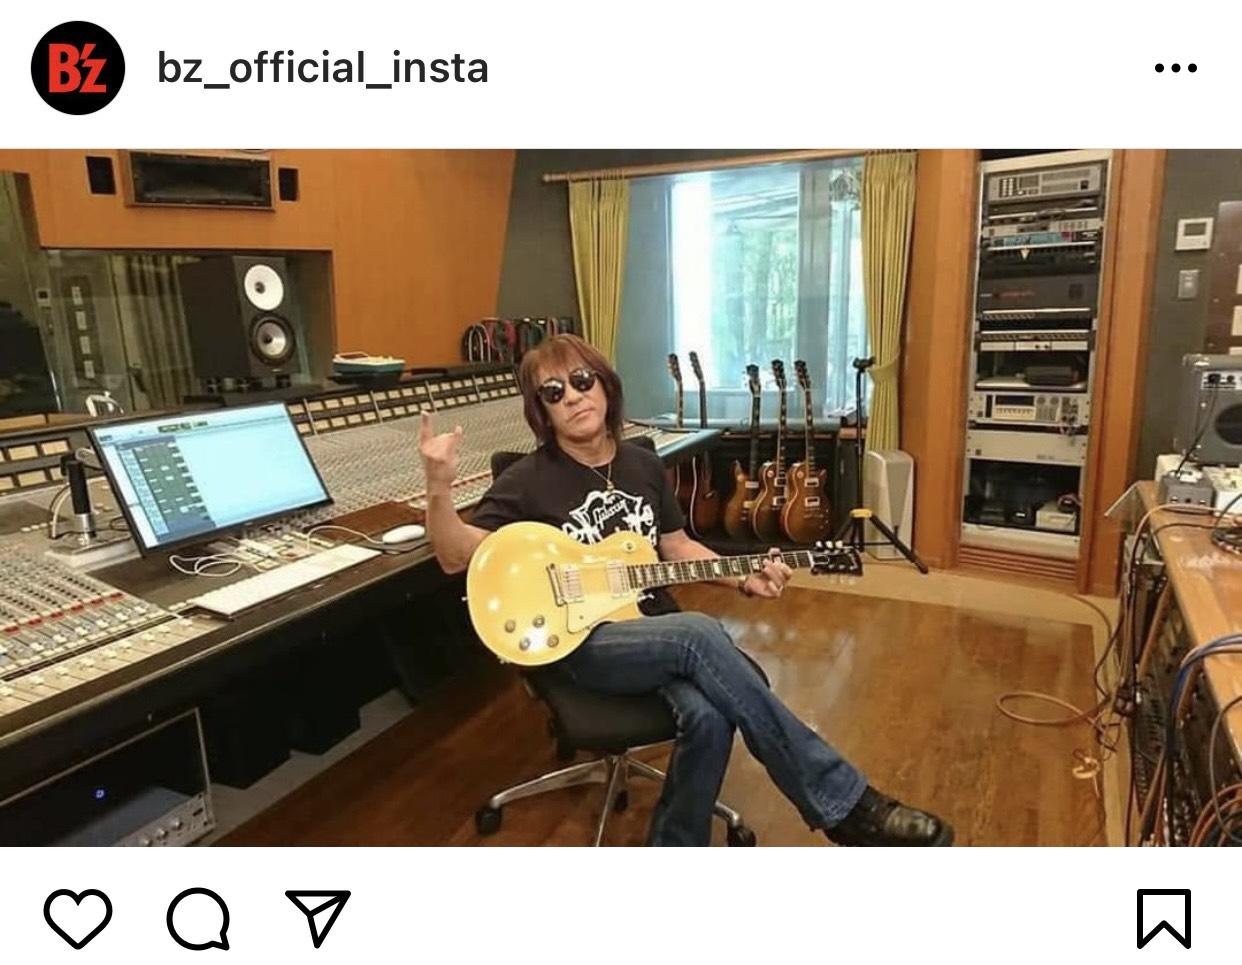 B'z公式SNSで公開された松本孝弘のソロ写真